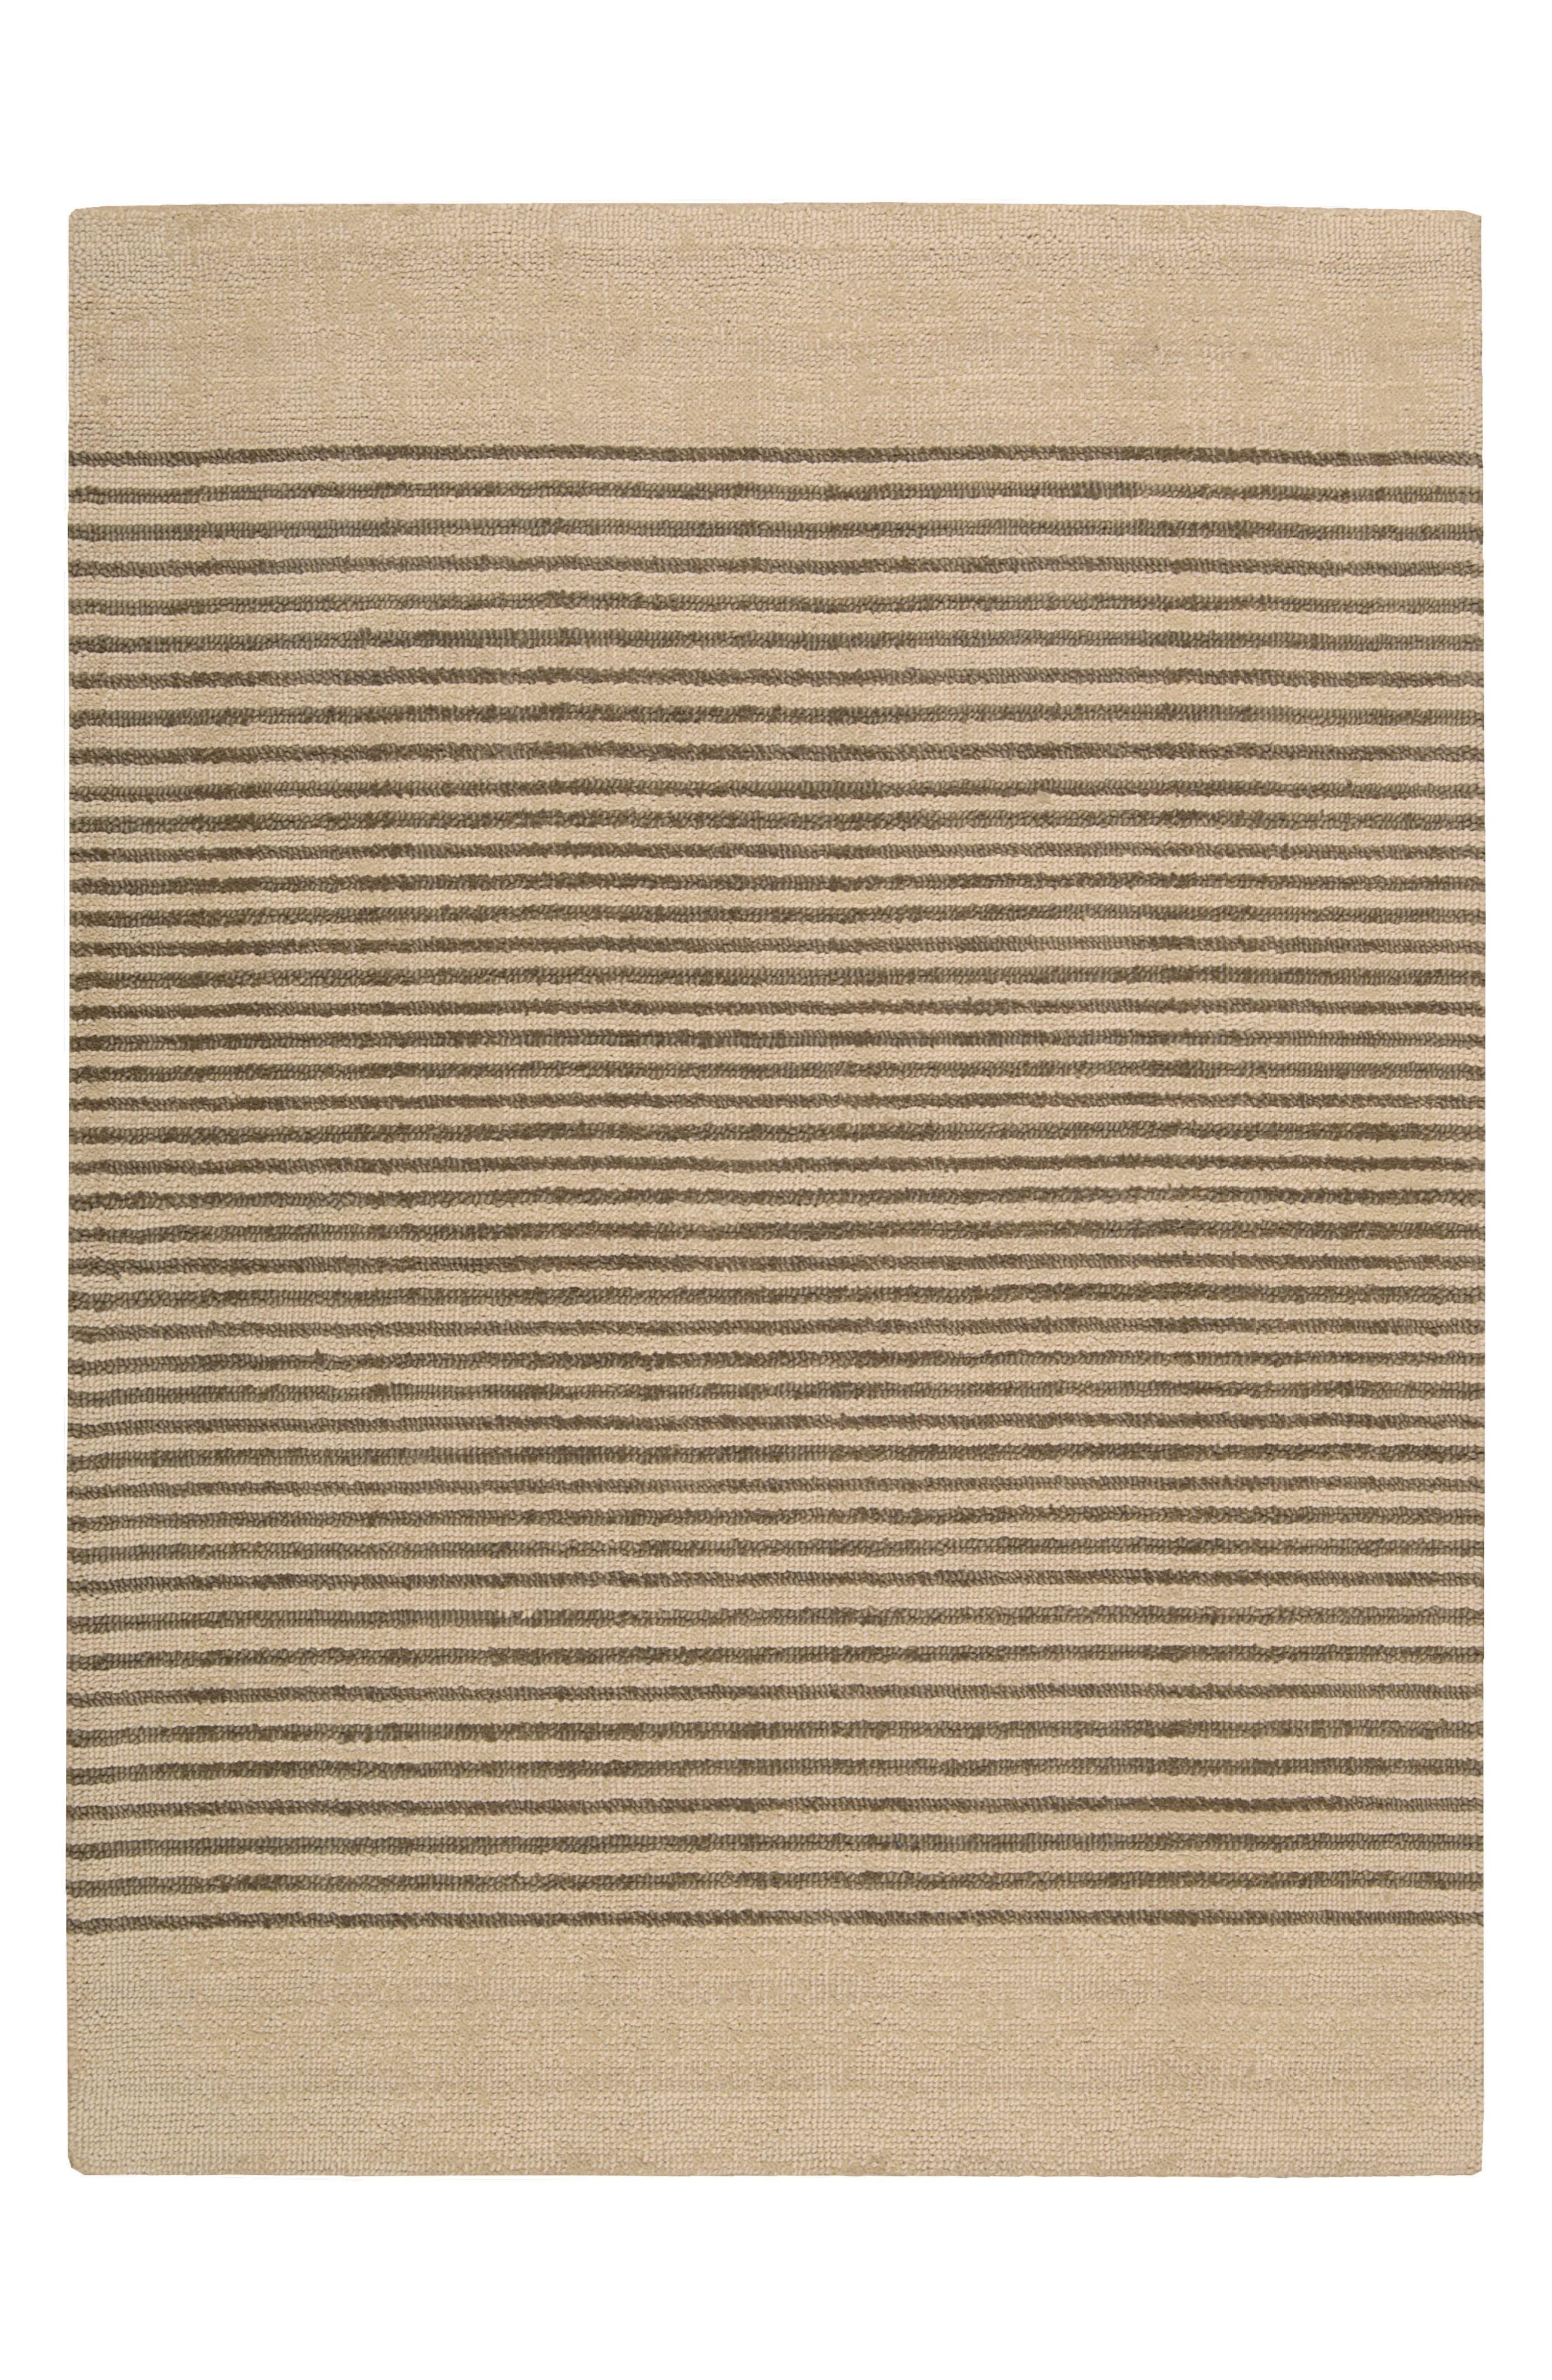 Calvin Klein Tundra Handwoven Area Rug